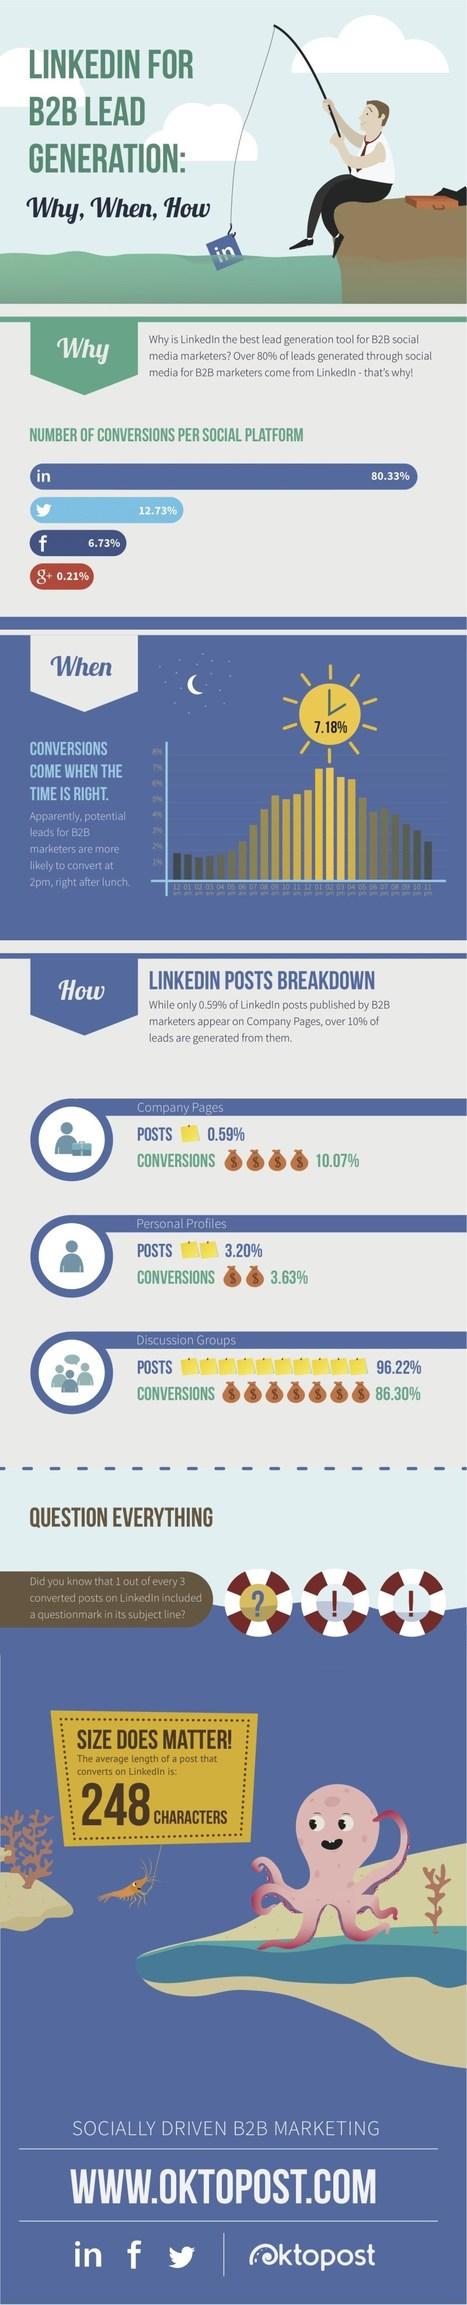 80% des contacts B2B reçus par les marketeurs proviennent de Linkedin - #Arobasenet | la visibilite web des PME et TPE strategie webmarketing et social media | Scoop.it